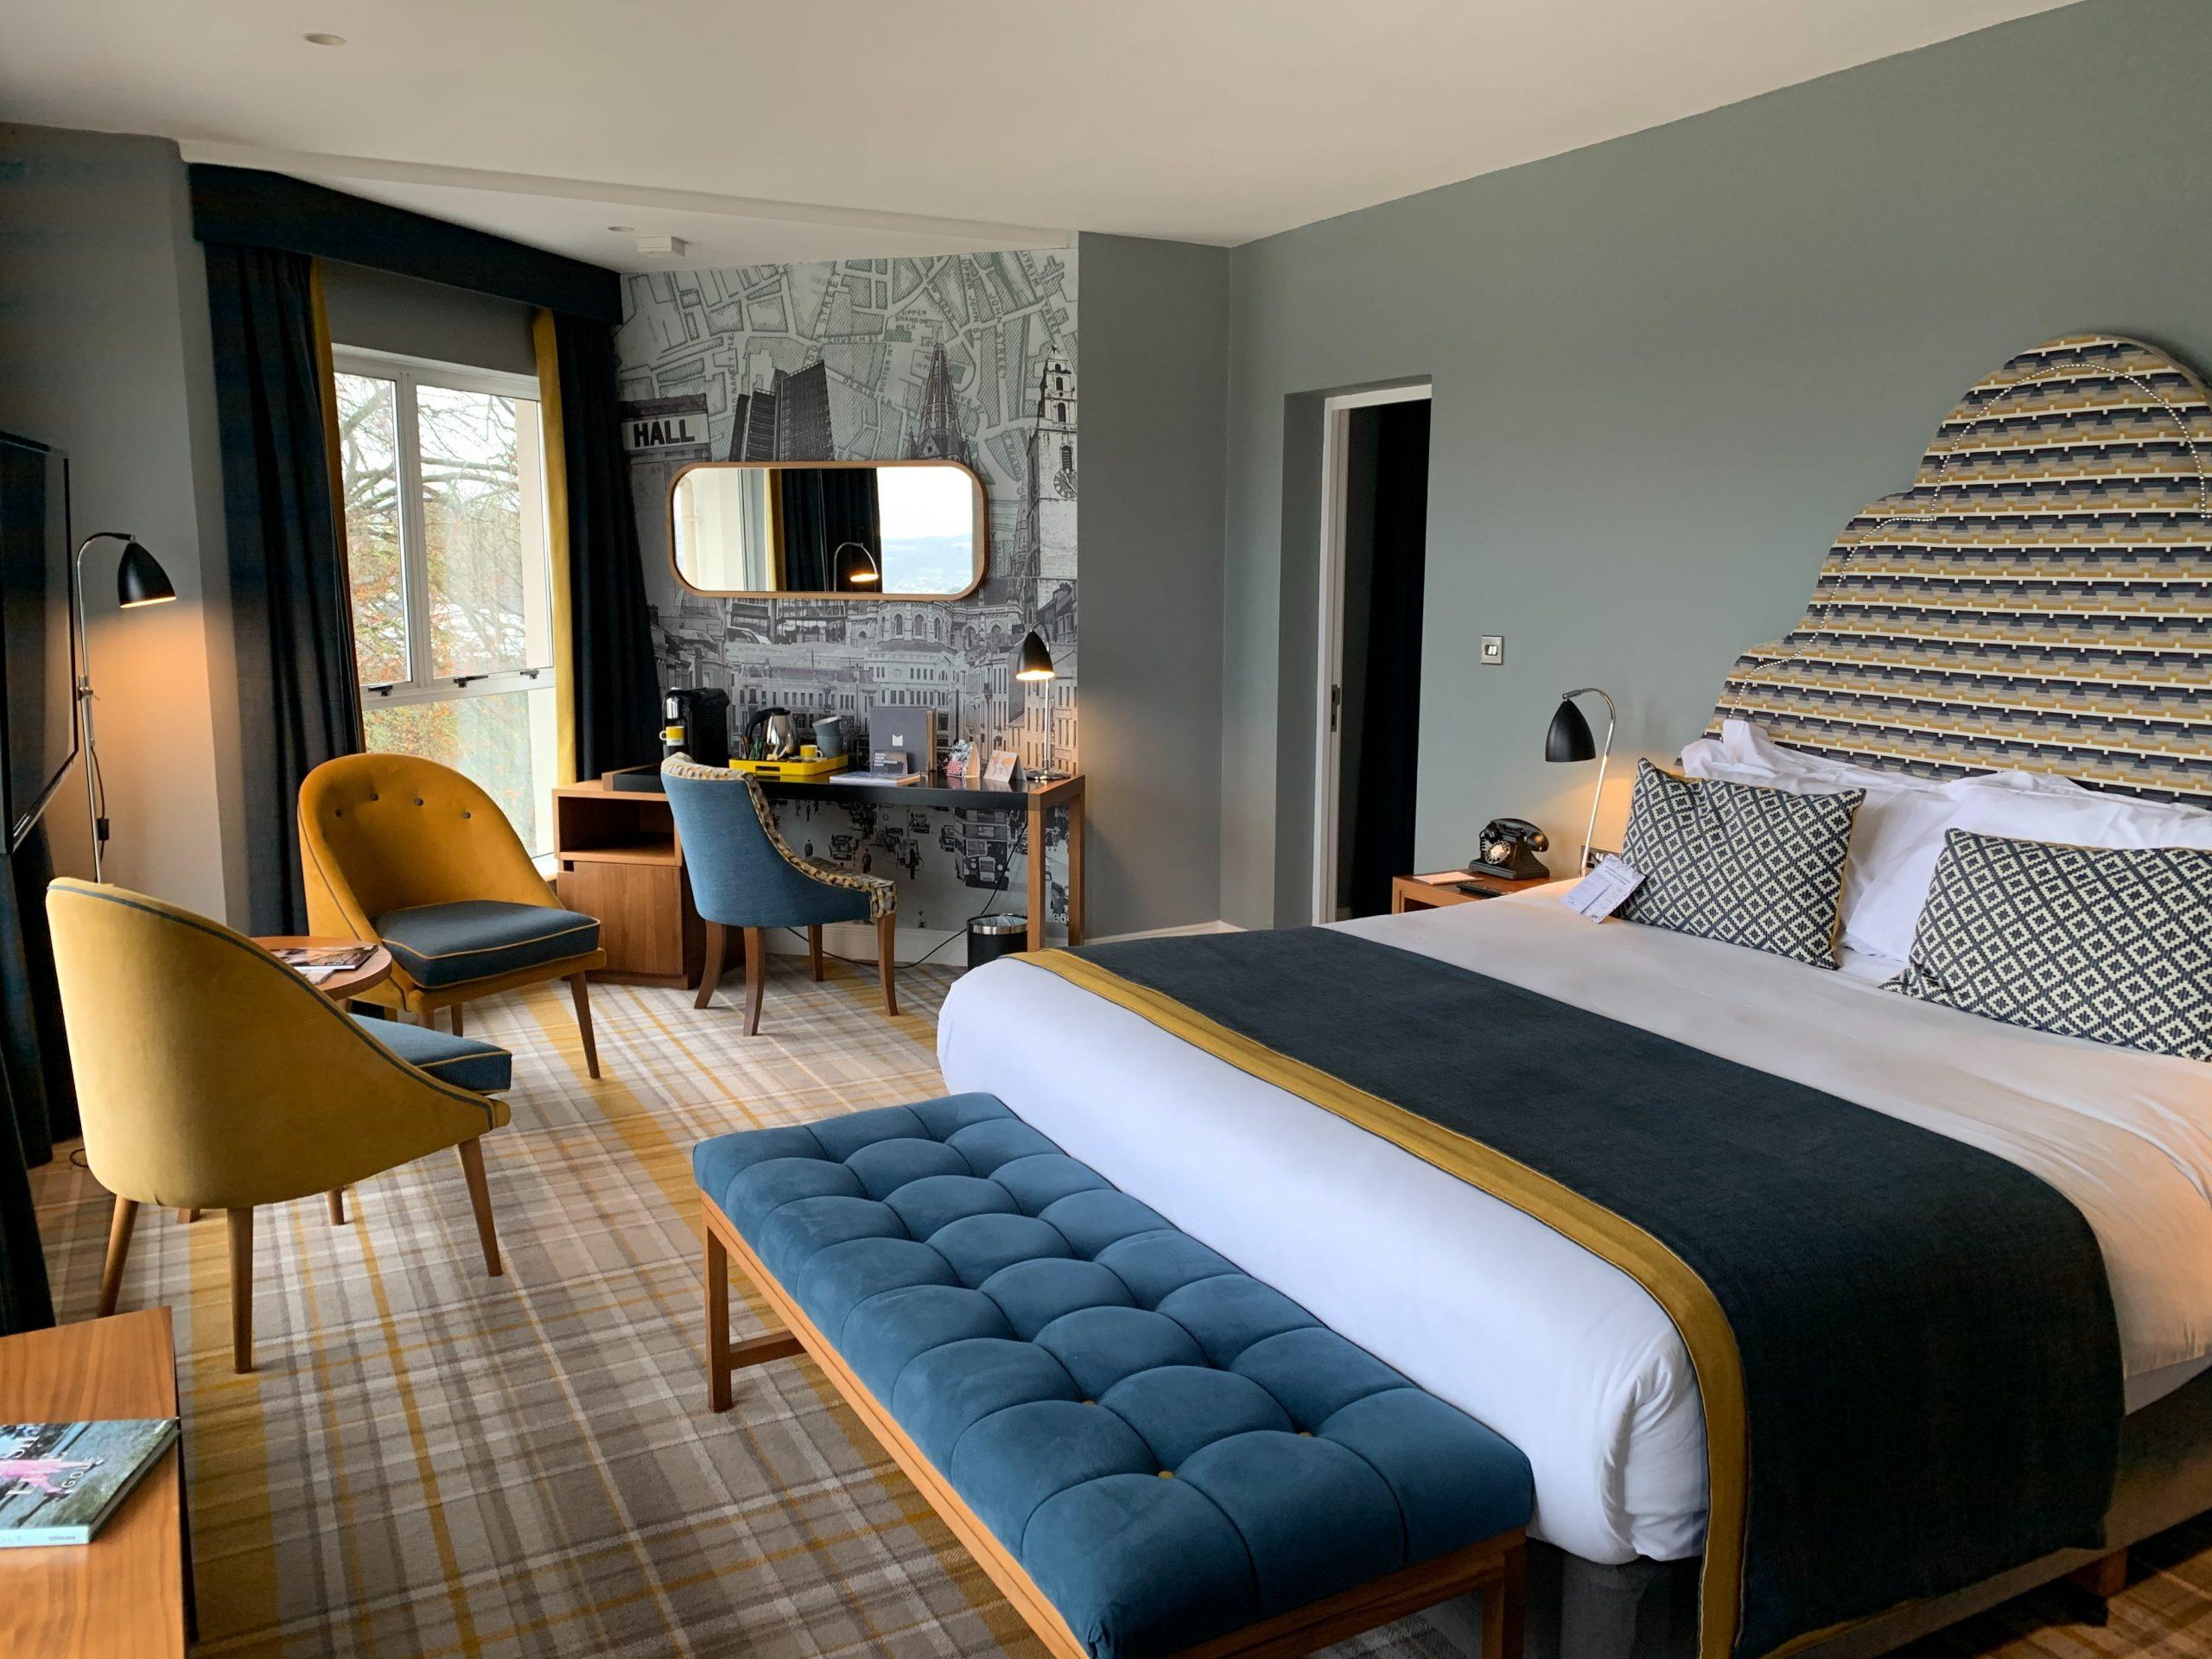 Na foto um quarto com decoração em tons de azul e mostarda